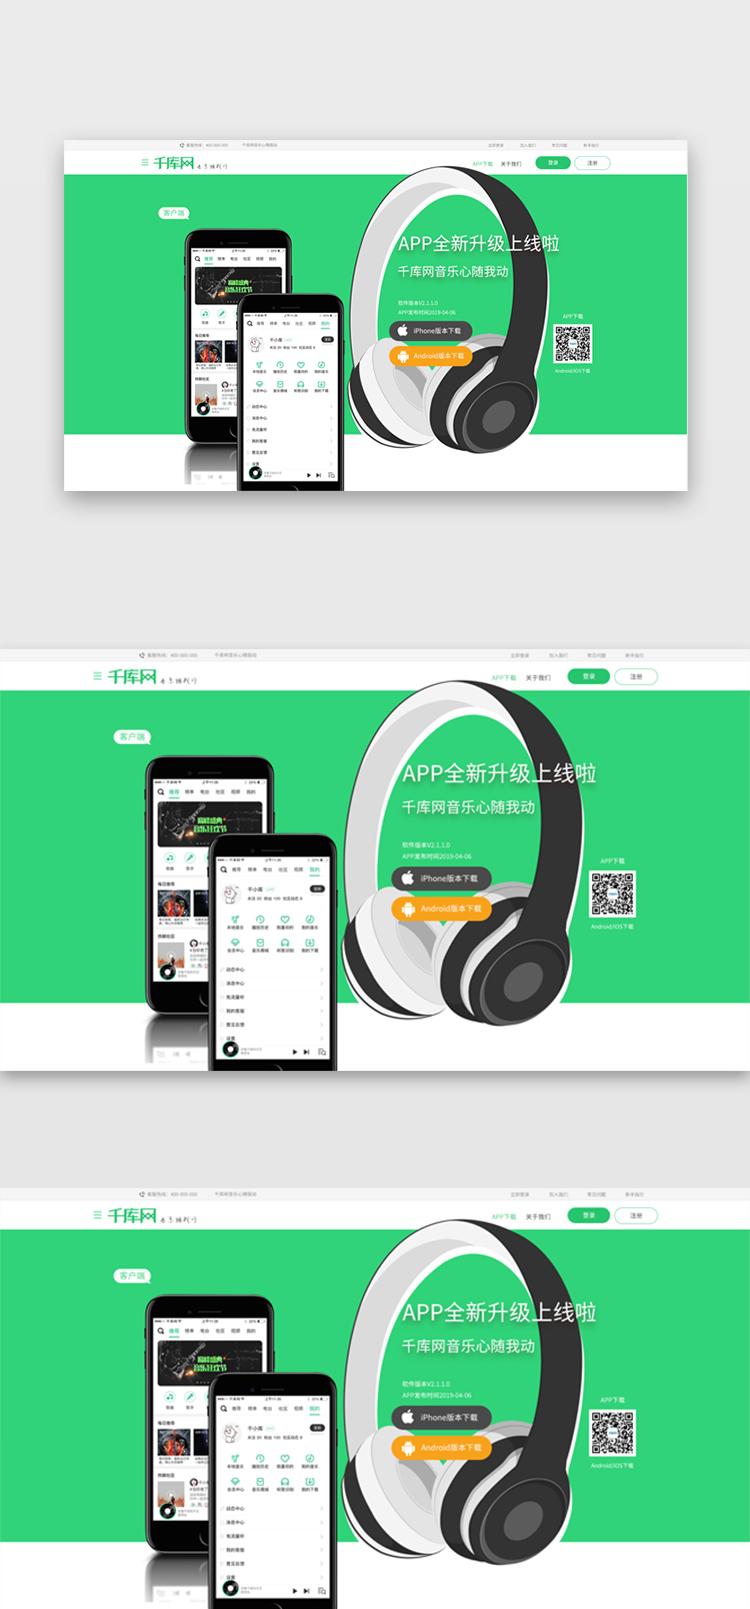 页面系网站软件下载界面ui绿色设计素材网页设计上传图片